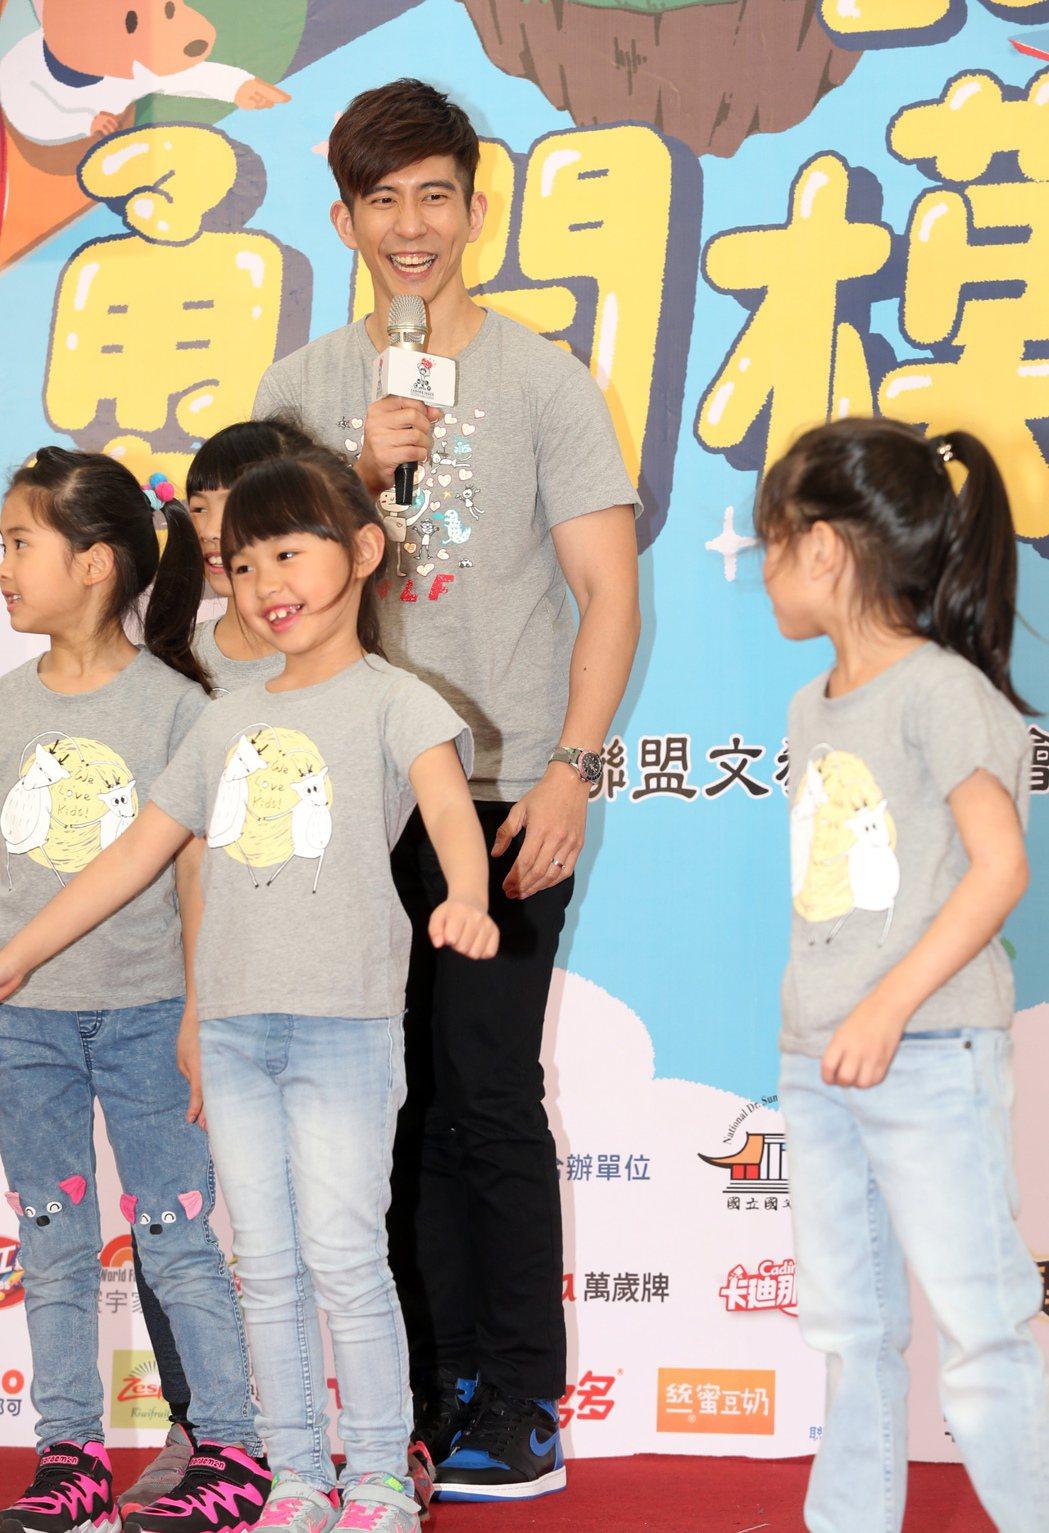 藝人修杰楷1日出席兒童福利聯盟在台北國父紀念館舉辦親子園遊會,與小朋友一起玩遊戲...